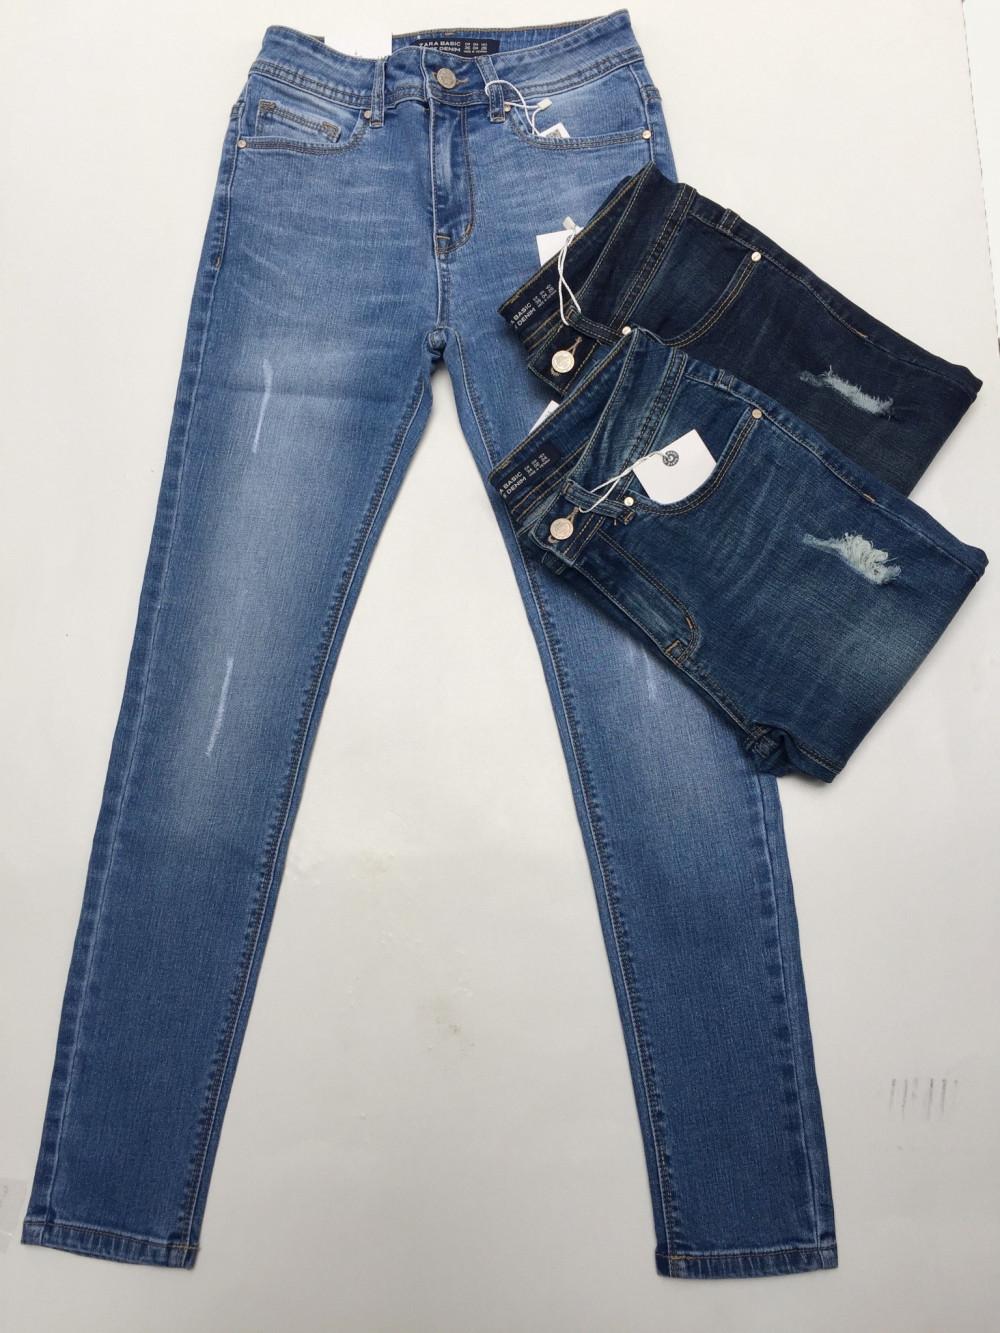 Xưởng bỏ sỉ quần jean nữ uy tín tphcm - 1